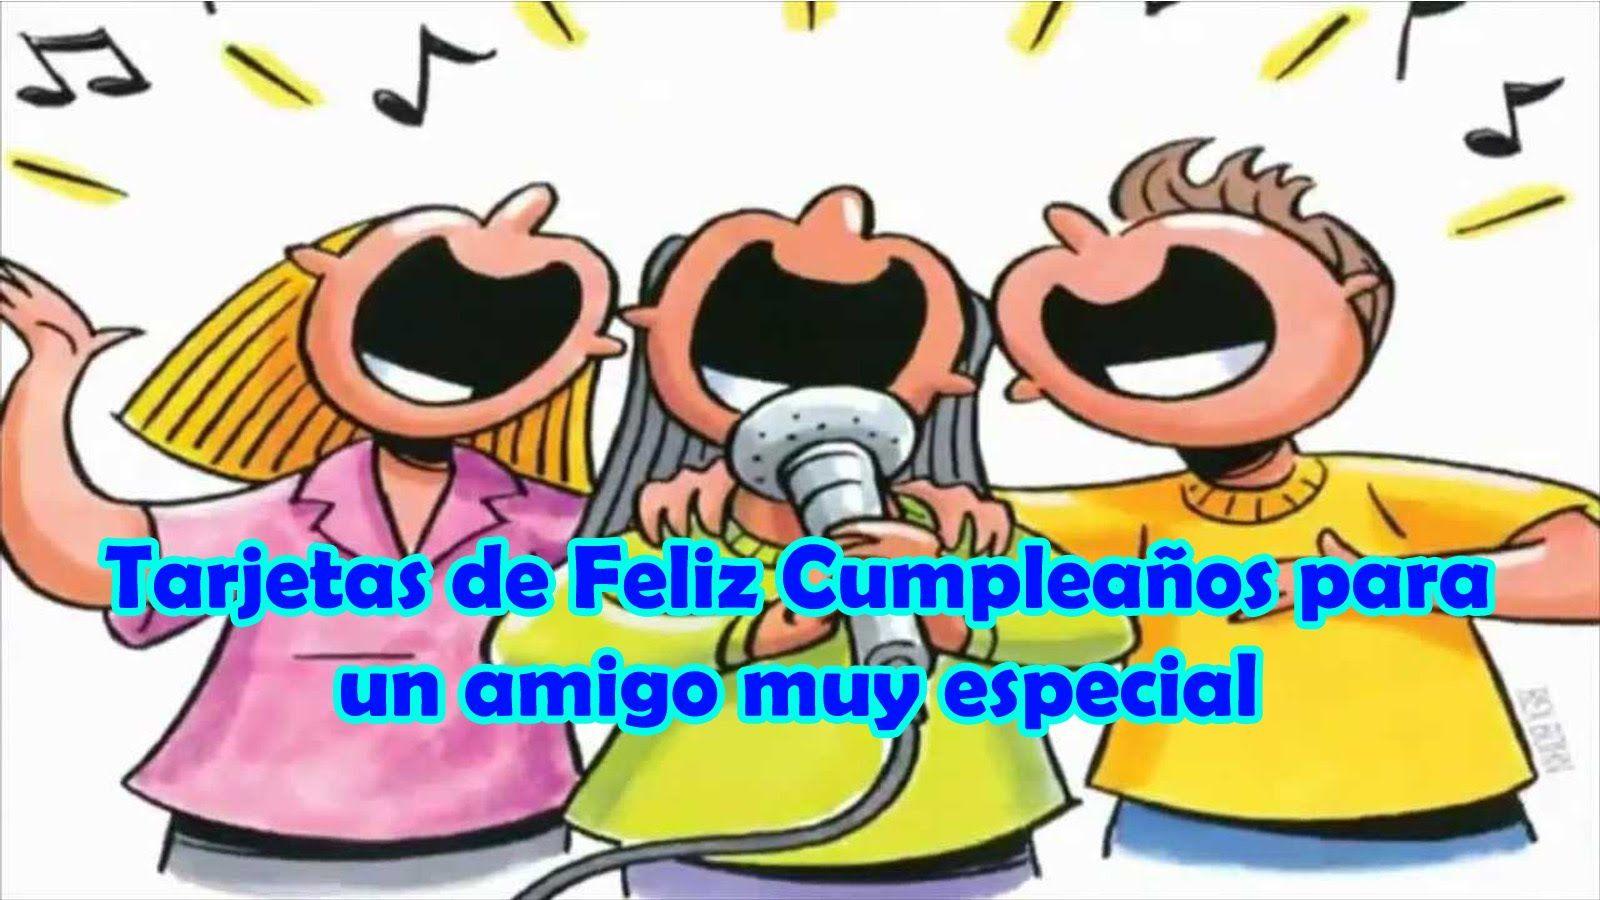 Tarjetas de Feliz Cumpleaños para un Amigo muy Especial, Dios te bendiga por siempre http